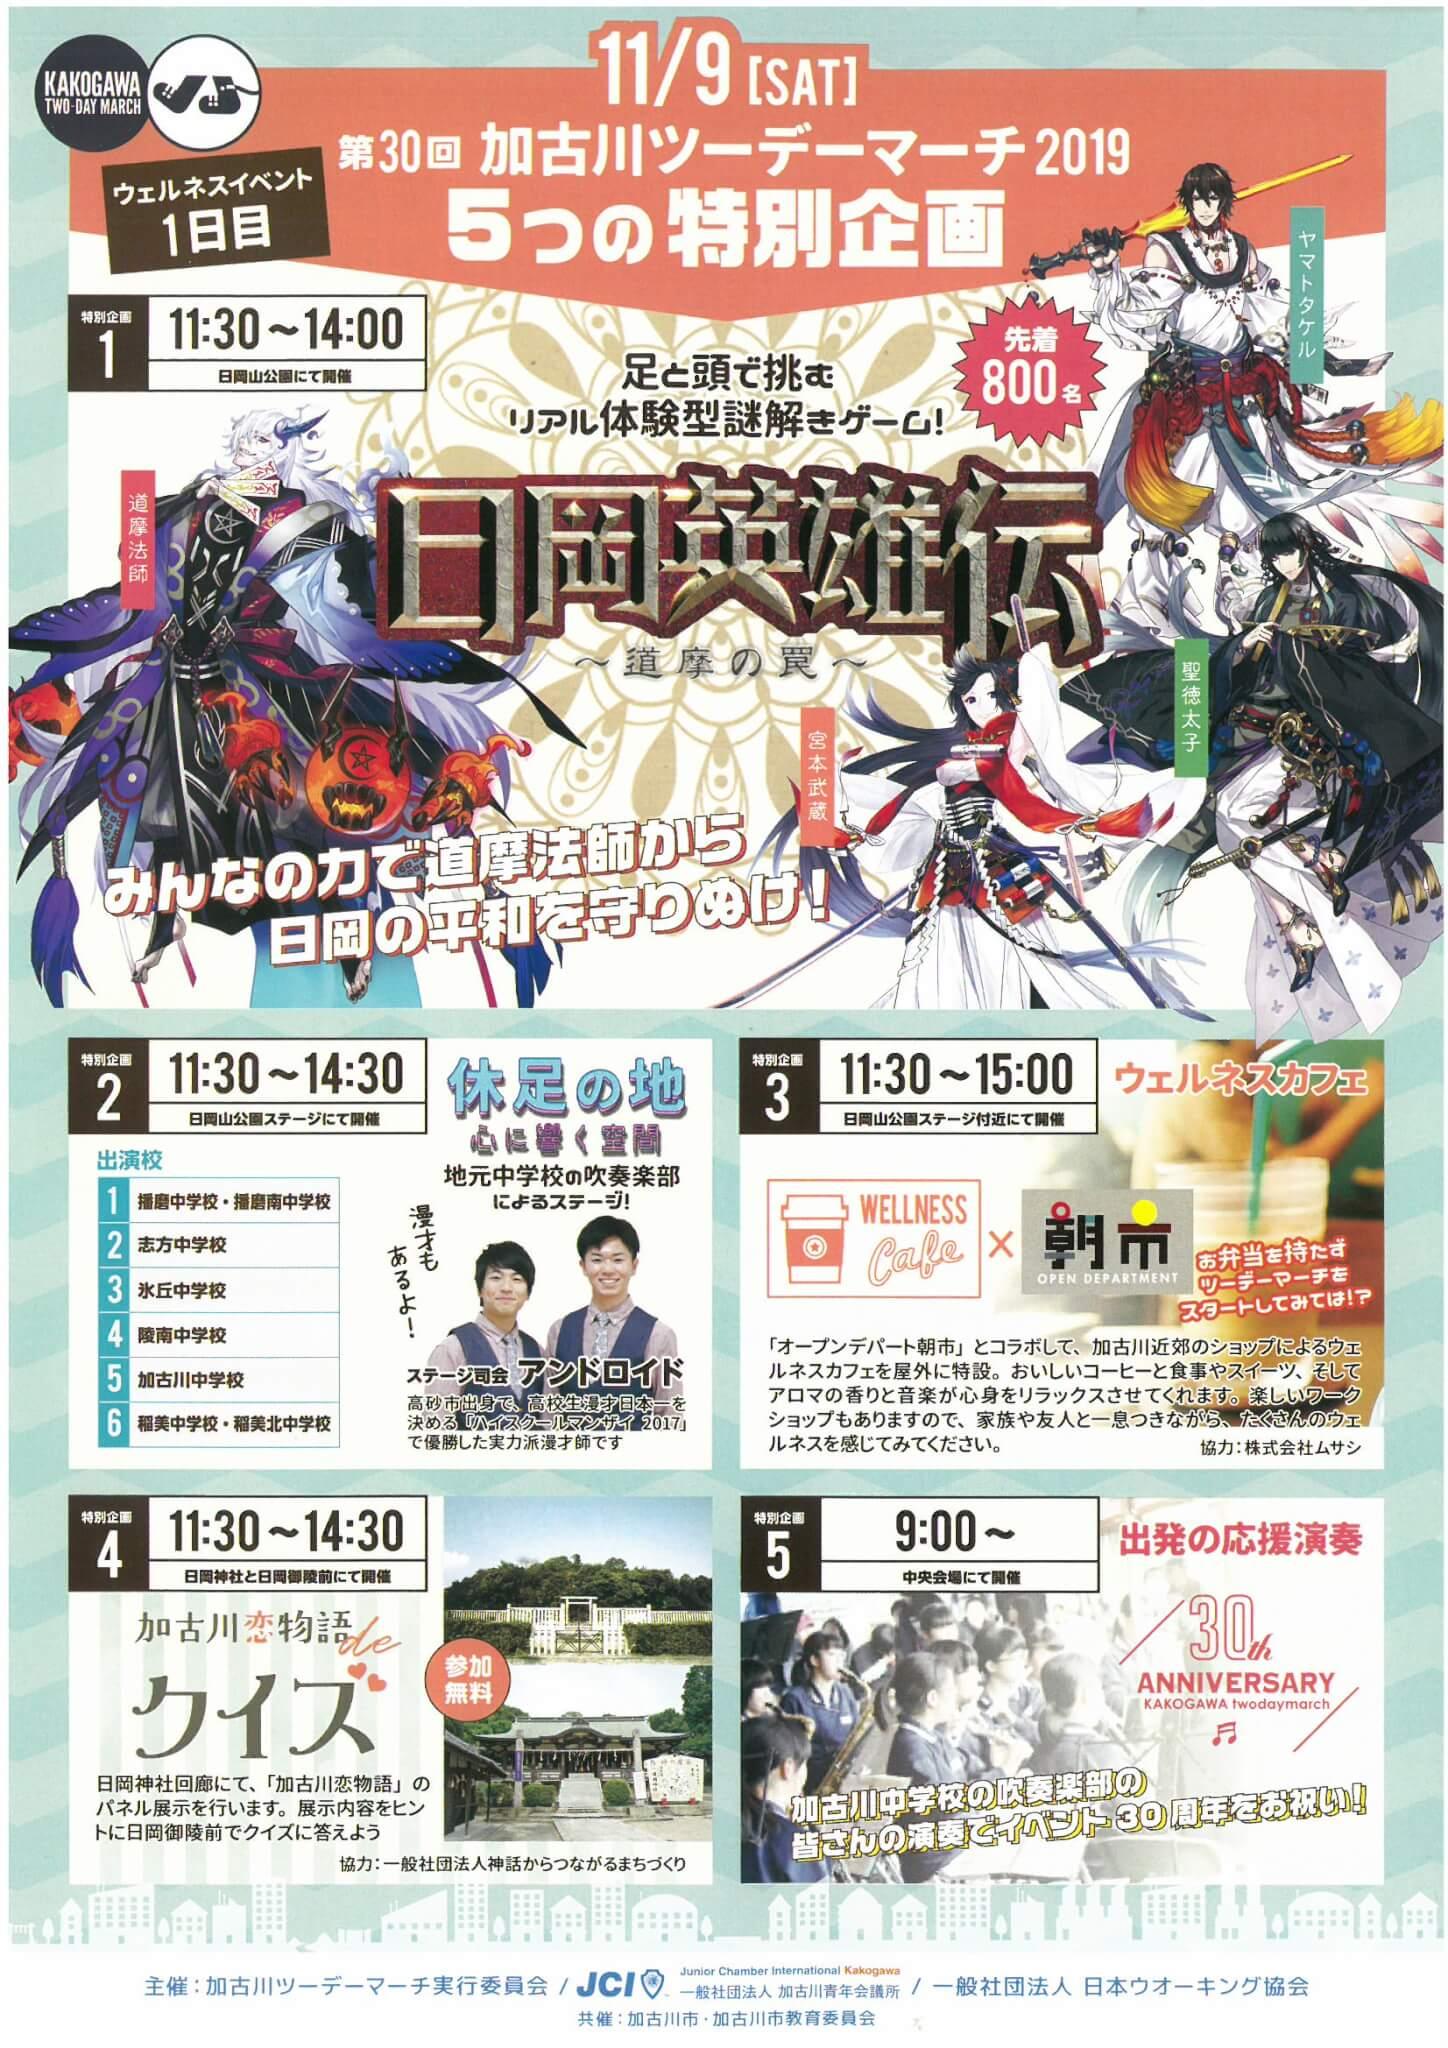 第30回加古川ツーデーマーチ2019、1日目イベント内容